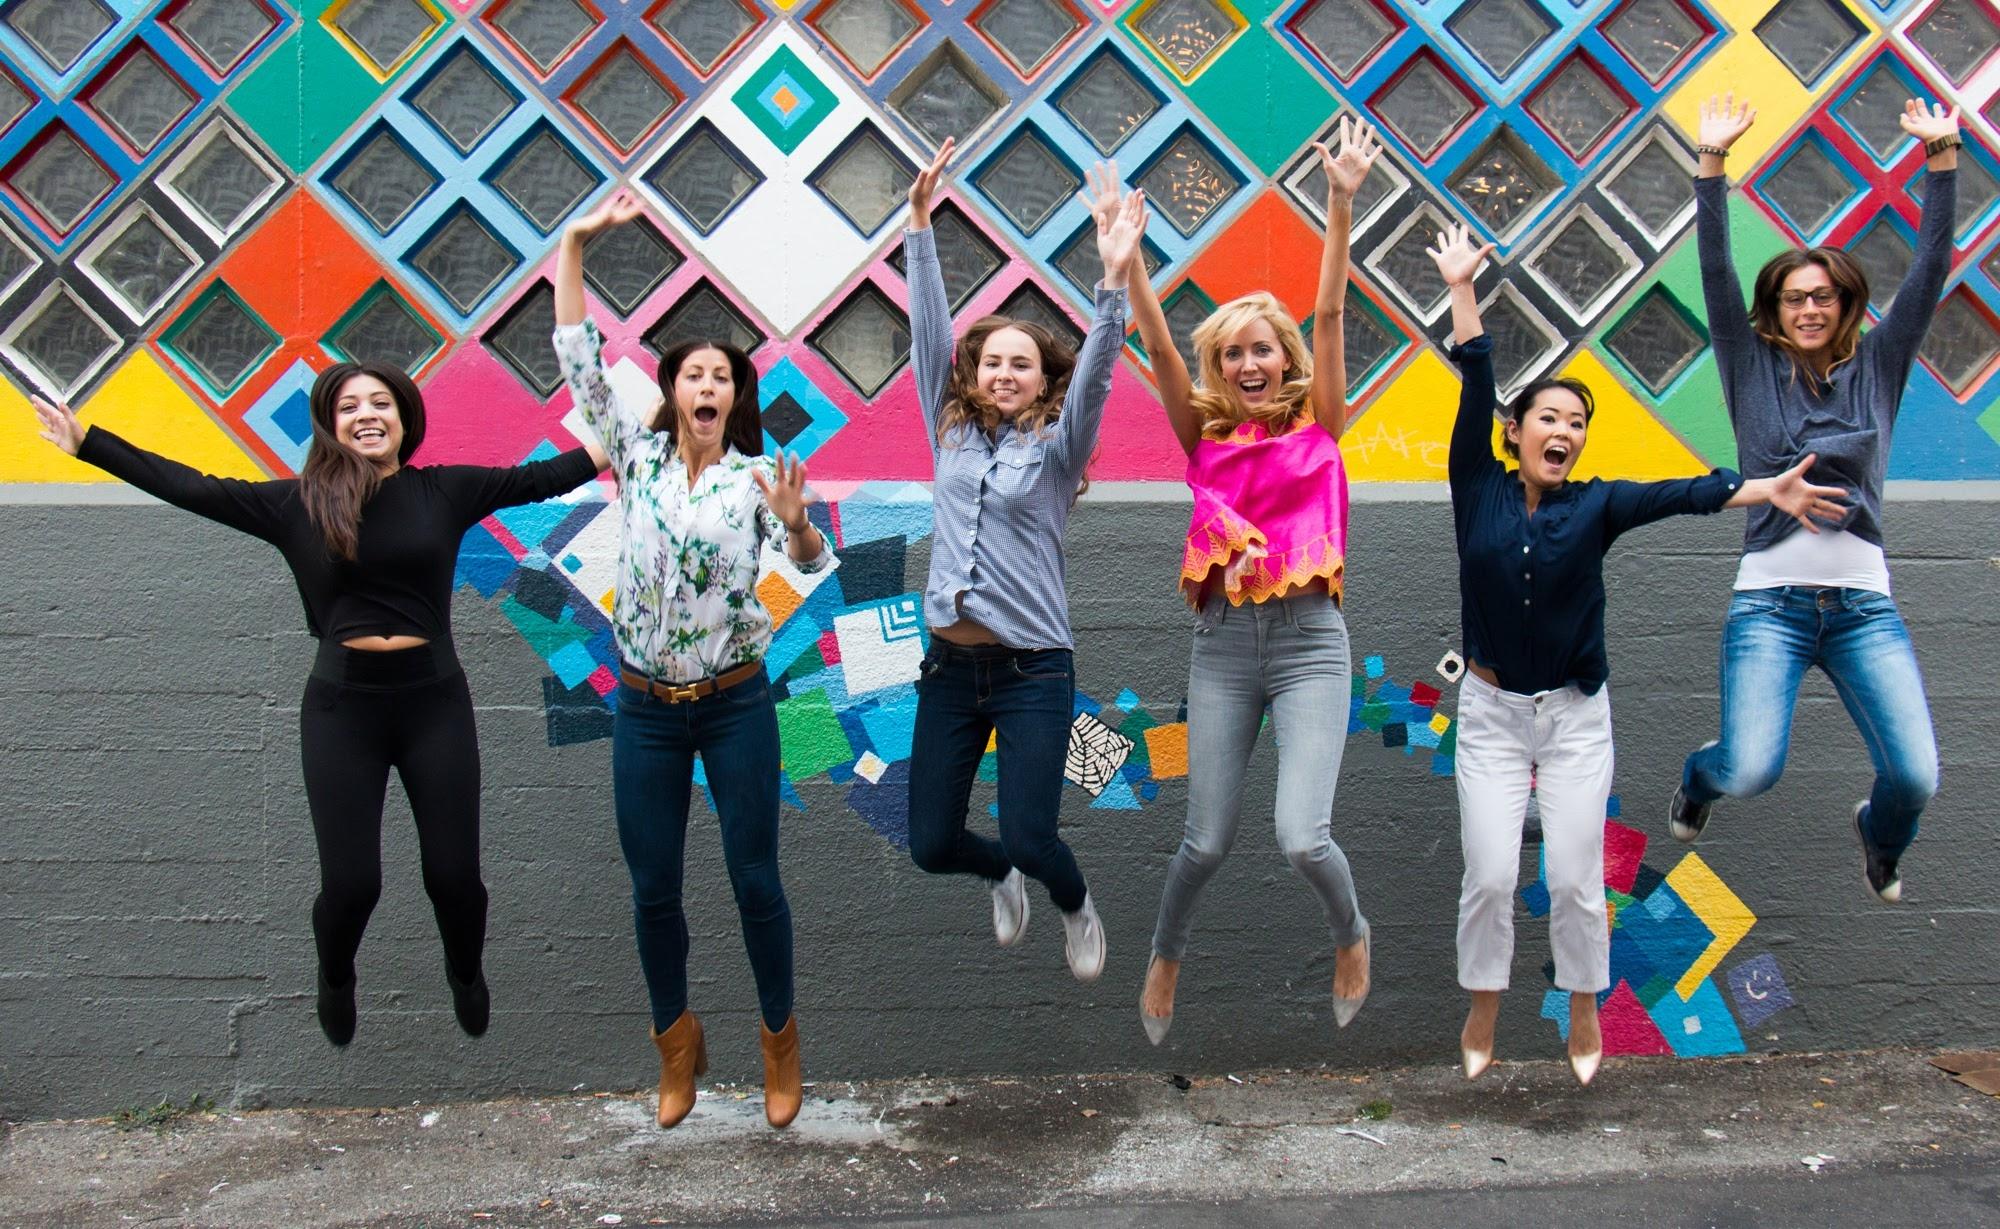 Suz Somersall (in pink) and the KiraKira team